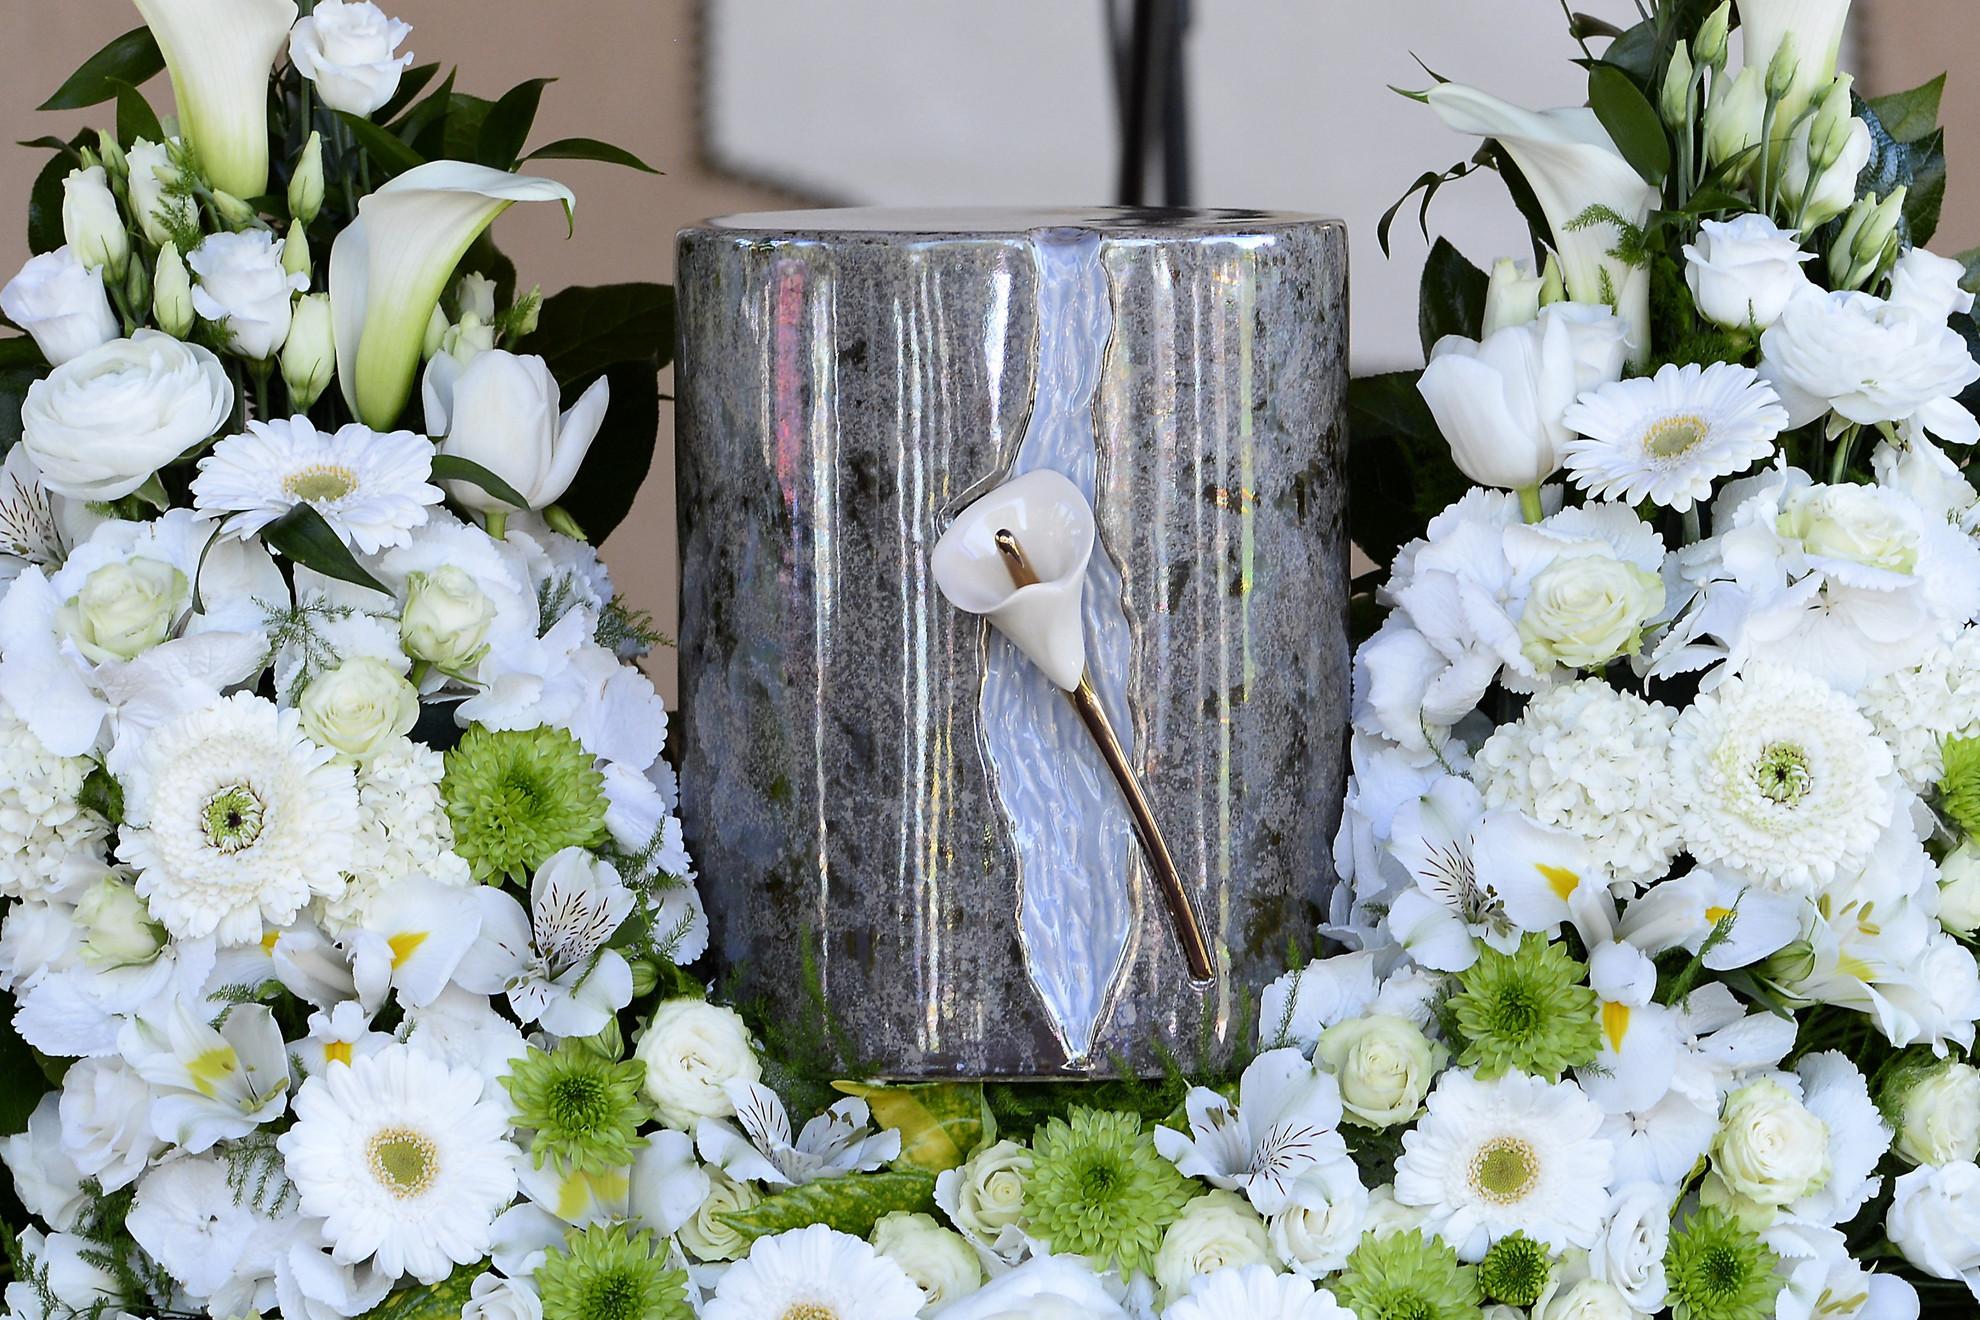 Igaly Diána olimpiai, világ- és Európa-bajnok koronglövő, a Magyar Sportlövő Szövetség alelnökének ravatala búcsúztatásán a törökbálinti temetőben